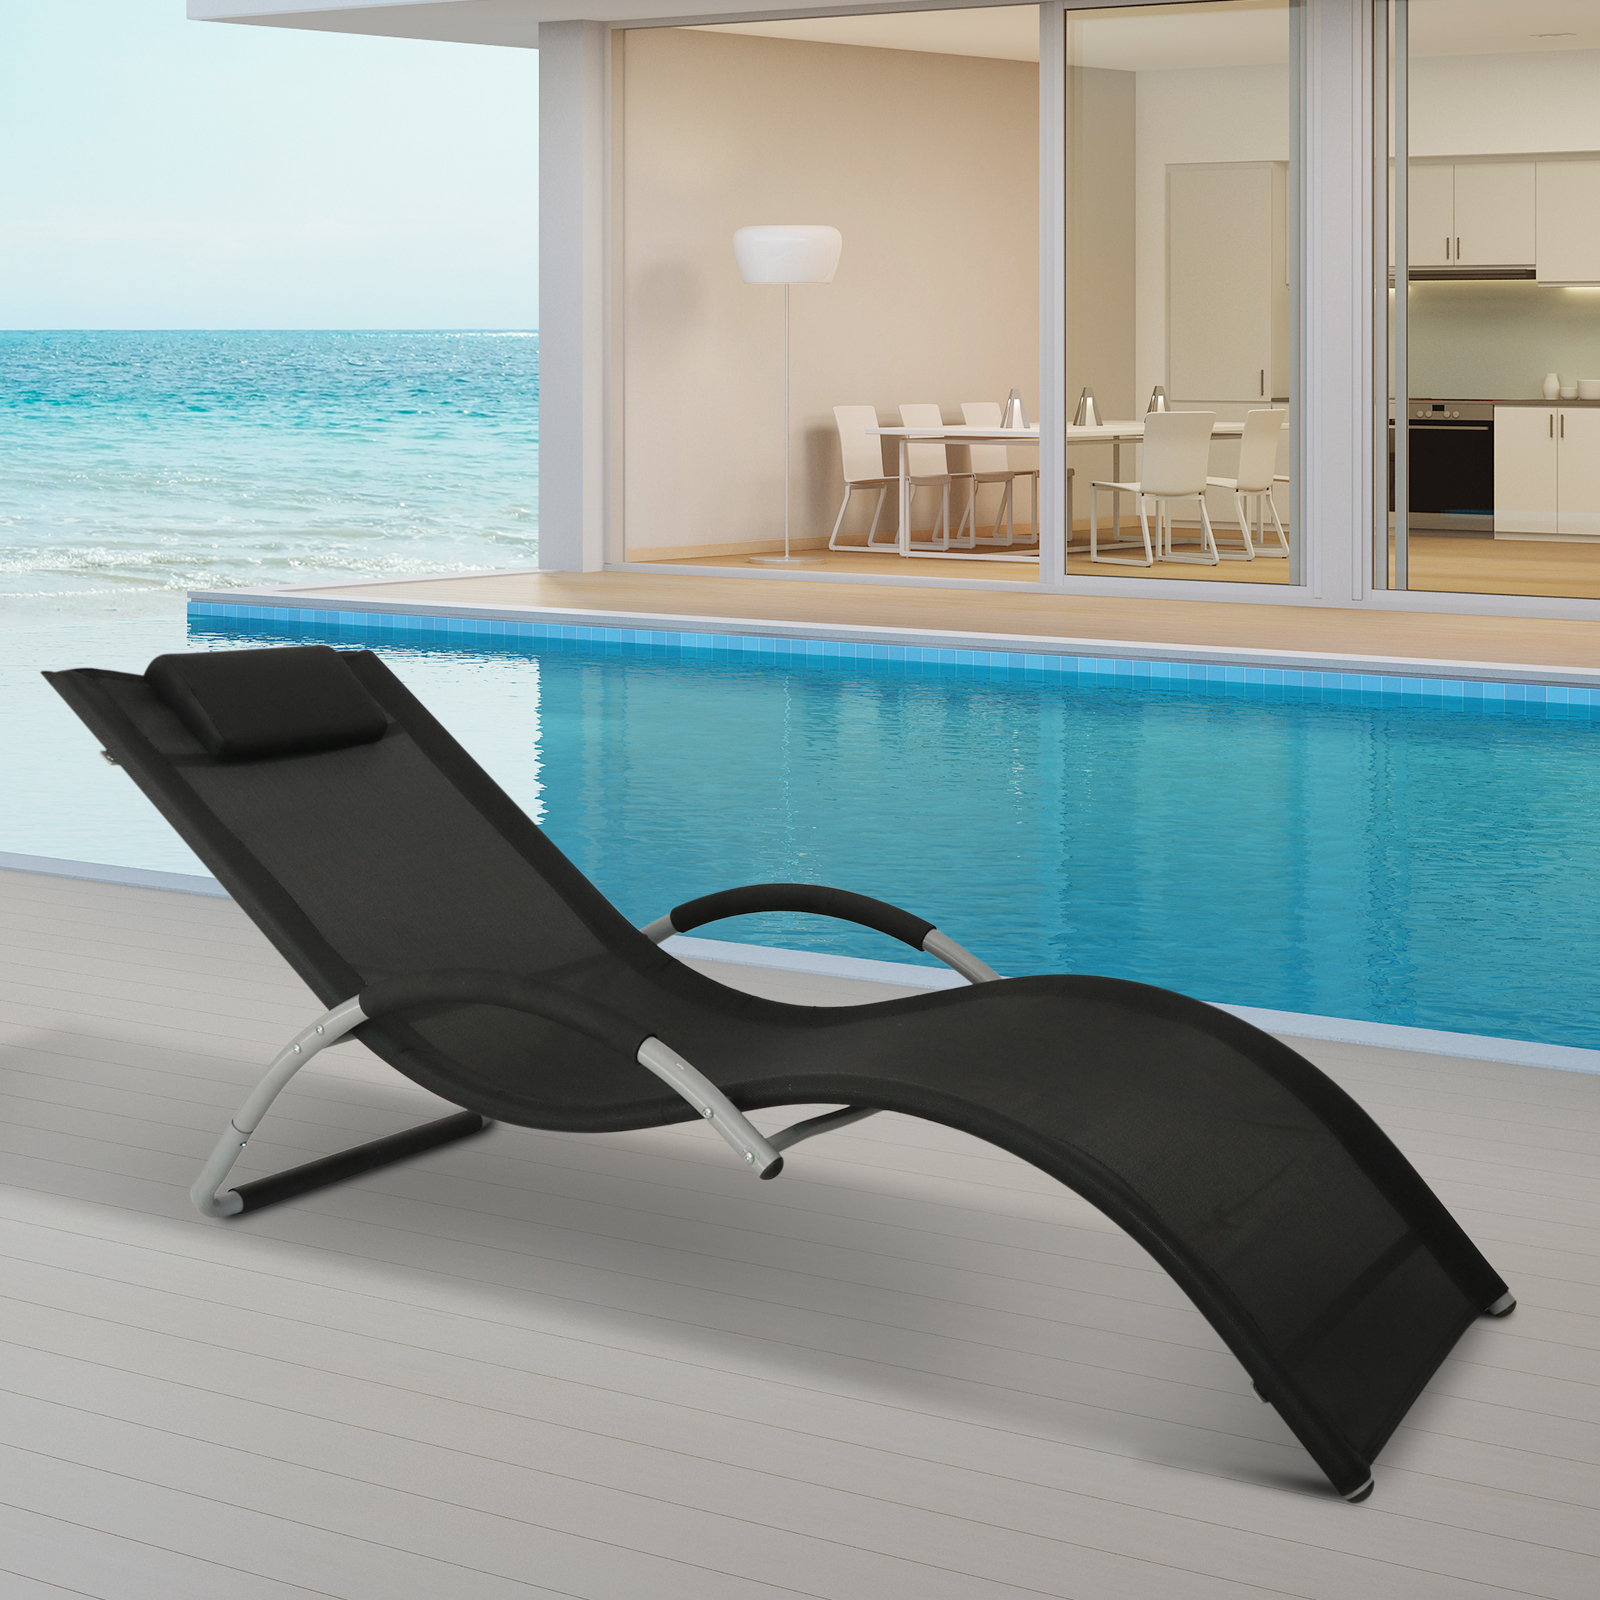 Details Zu Outsunny Sonnenliege Gartenliege Liegestuhl Strandliege Ergonomisch Relaxliege